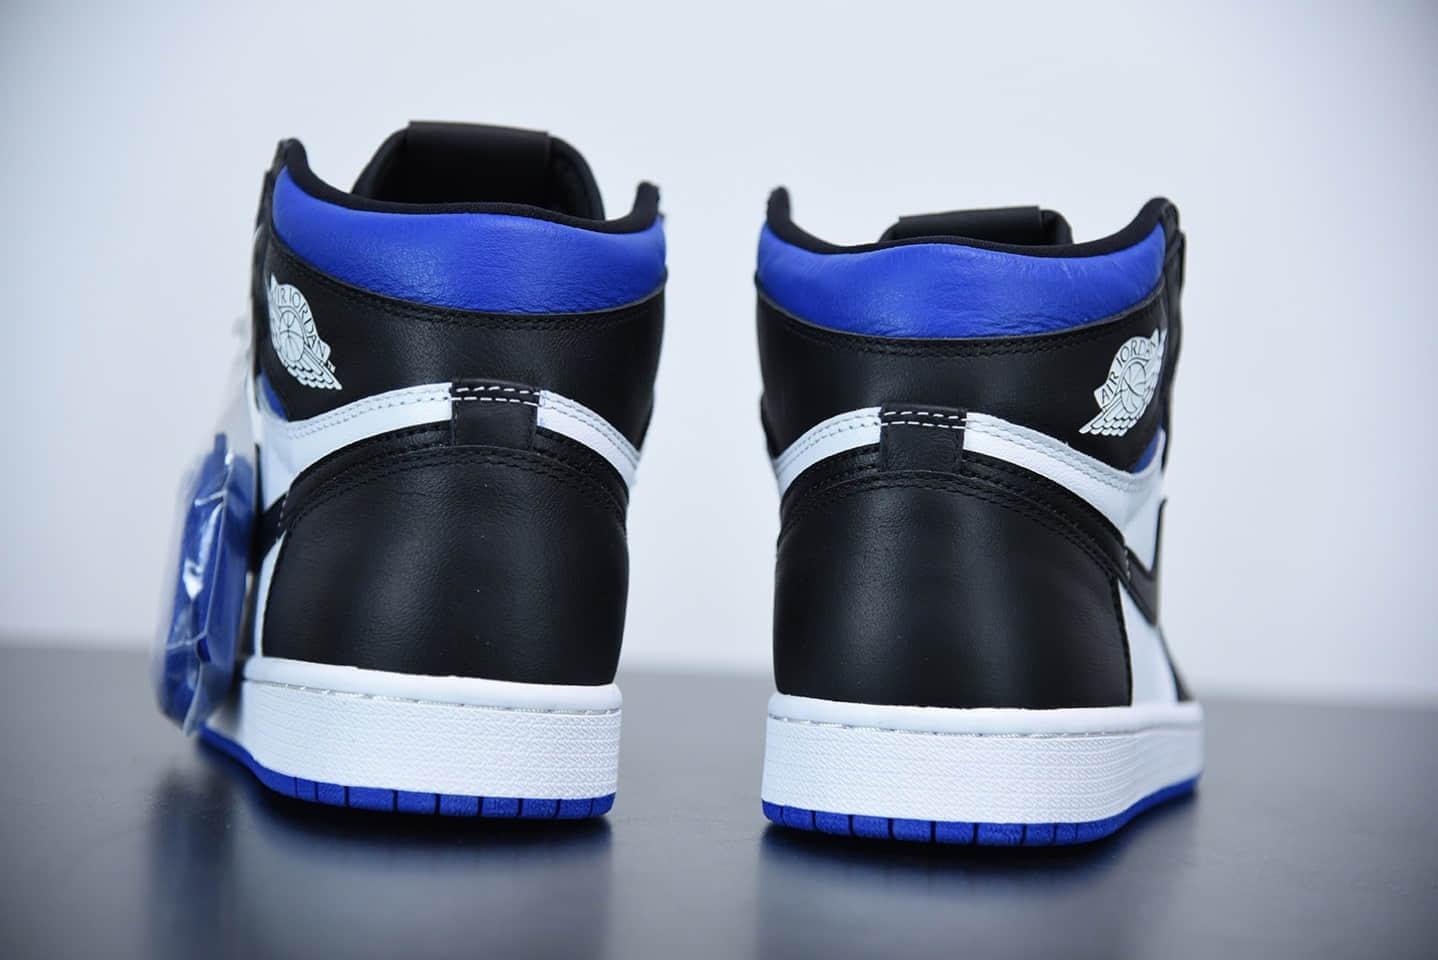 乔丹Air Jordan 1 Retro High OG White Royal王一博同款蓝黑脚趾板鞋纯原版本 货号:575441-041